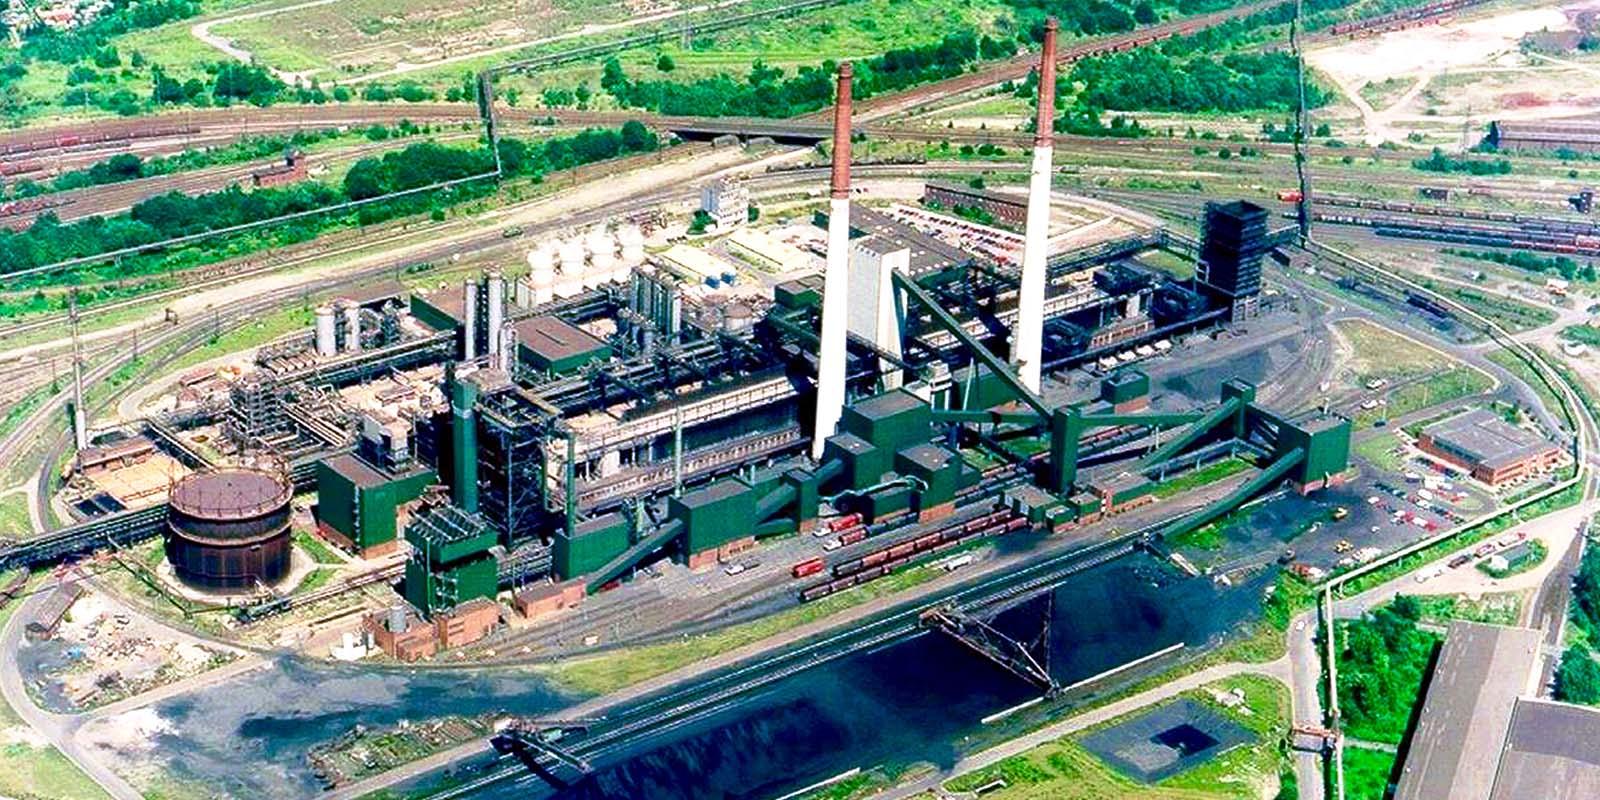 Luftaufnahme der Kokerei Kaiserstuhl in Dortmund